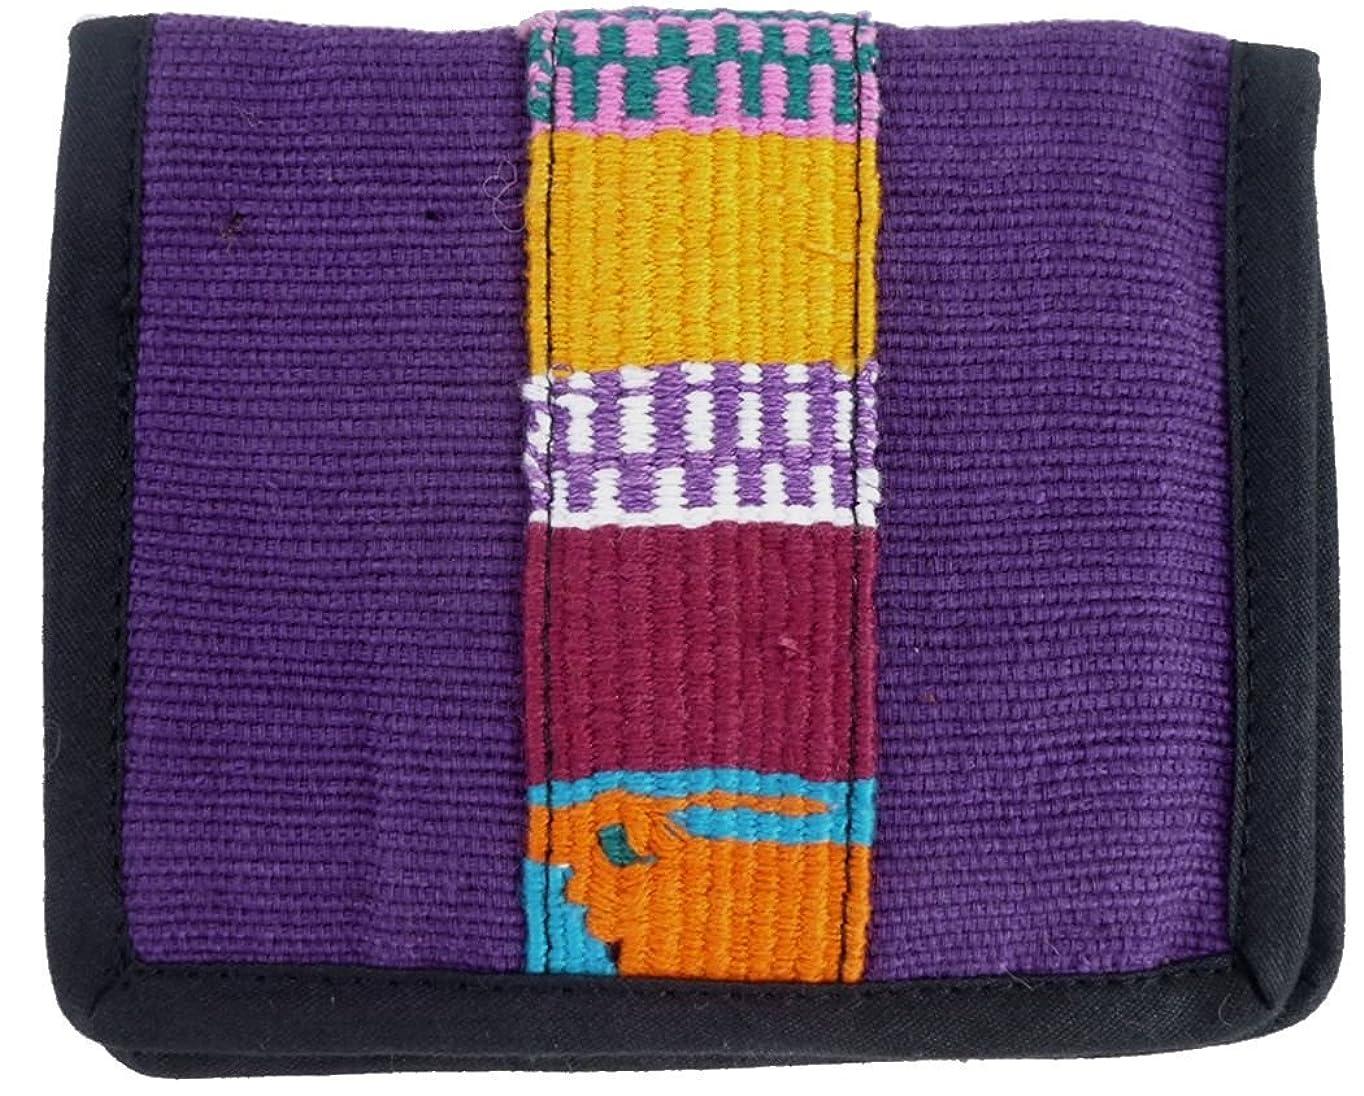 マオリスツール学校グアテマラ 2つ折り財布 民族織物 手織り GU-010-7